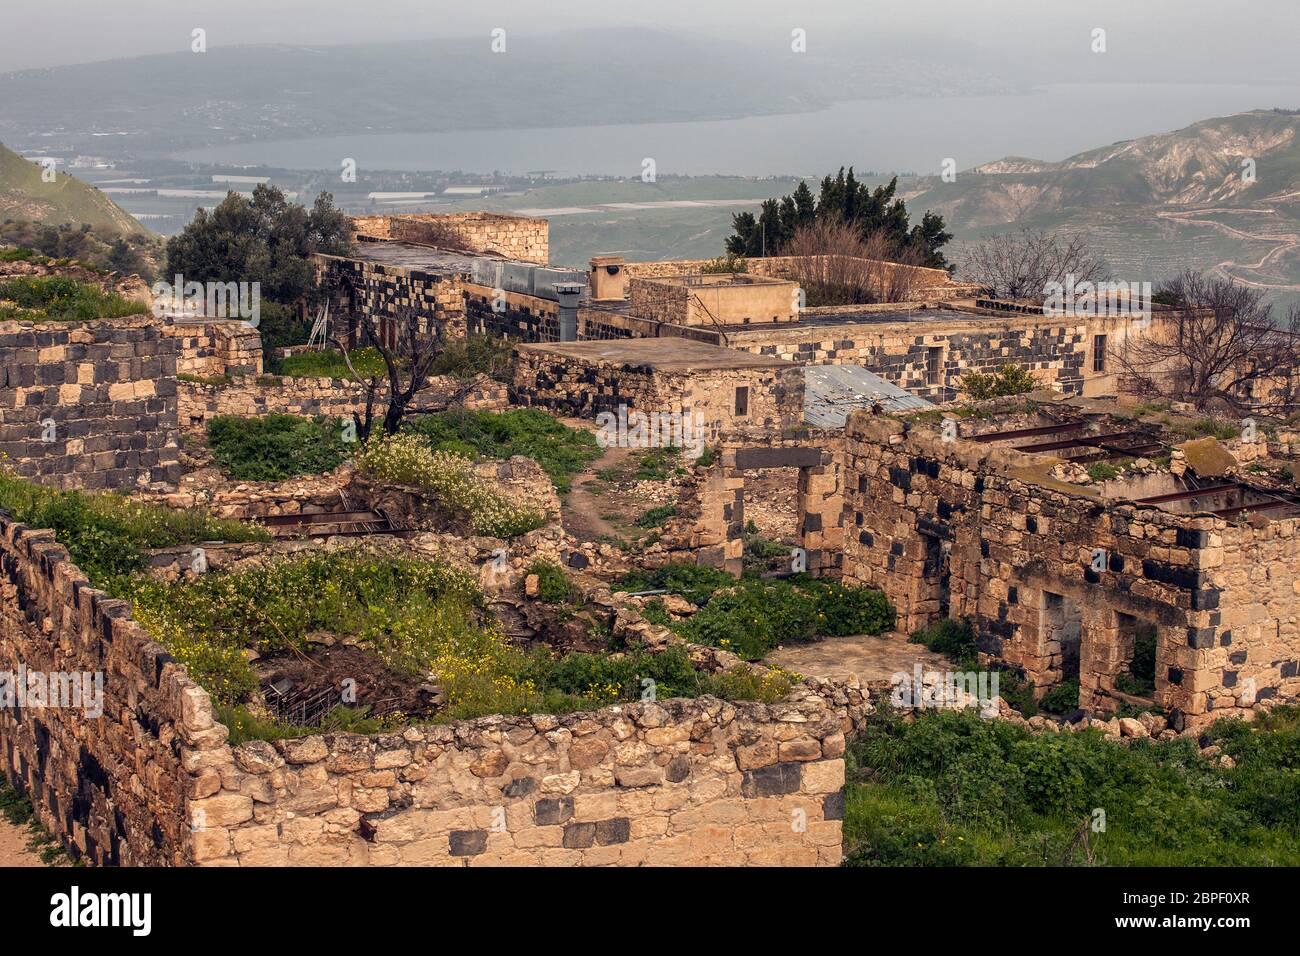 Ruines de maisons de l'époque ottomane tardive dans l'ancienne Gadara ou Gedaris également connu sous le nom d'Umm Qais ou Qays dans le nord-ouest de la Jordanie Banque D'Images